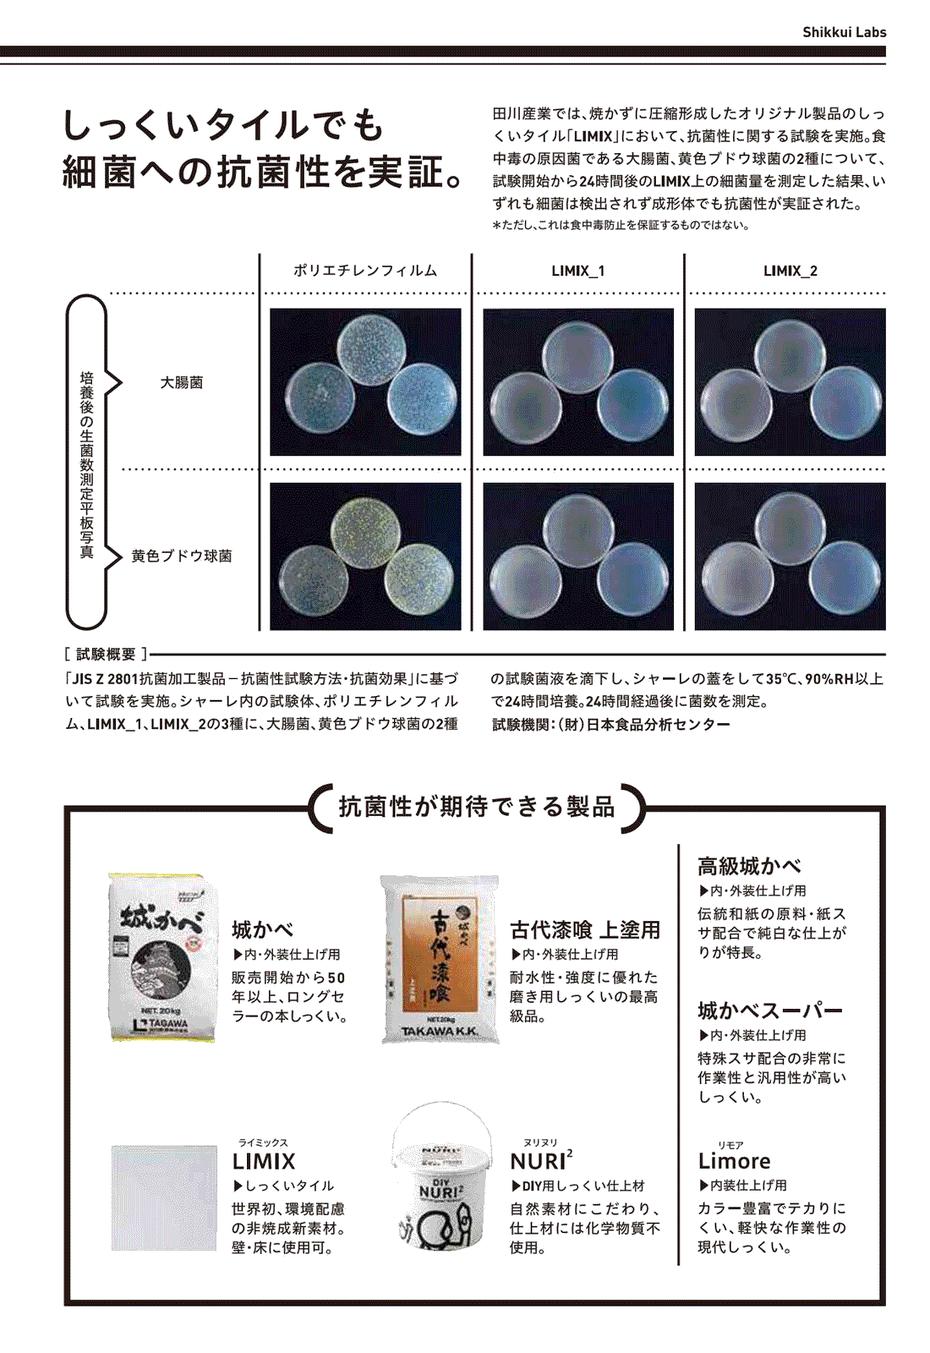 しっくいタイルでも細菌への抗菌性を実証。